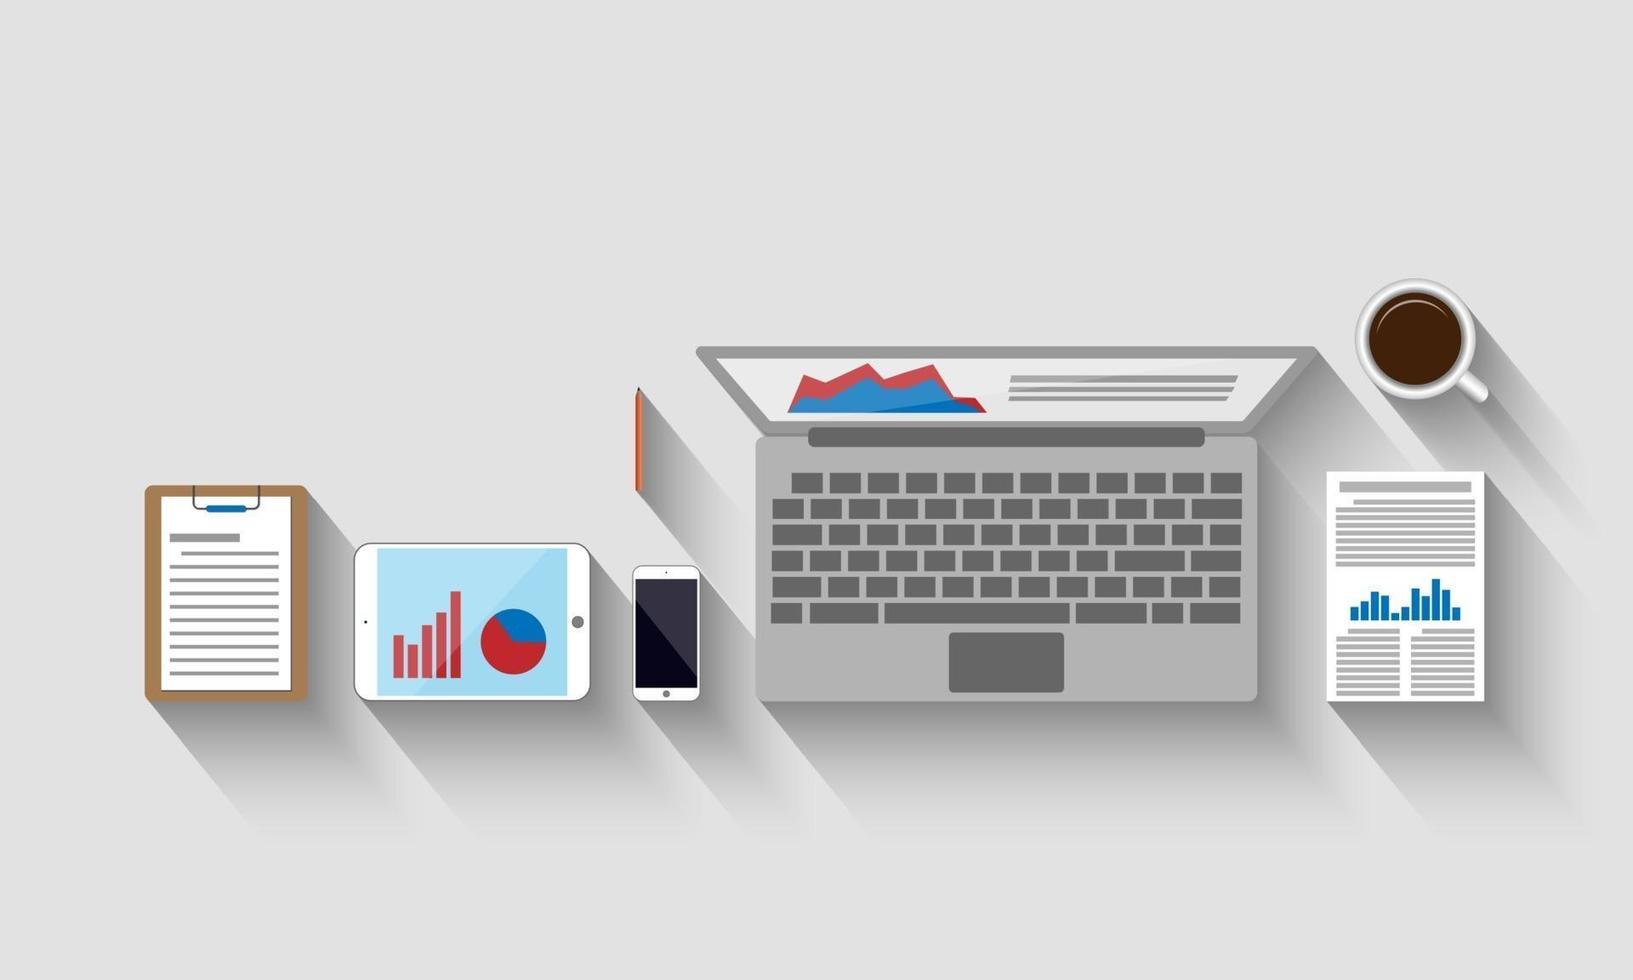 vue de dessus du lieu de travail, concept d'entreprise, illustration vectorielle vecteur